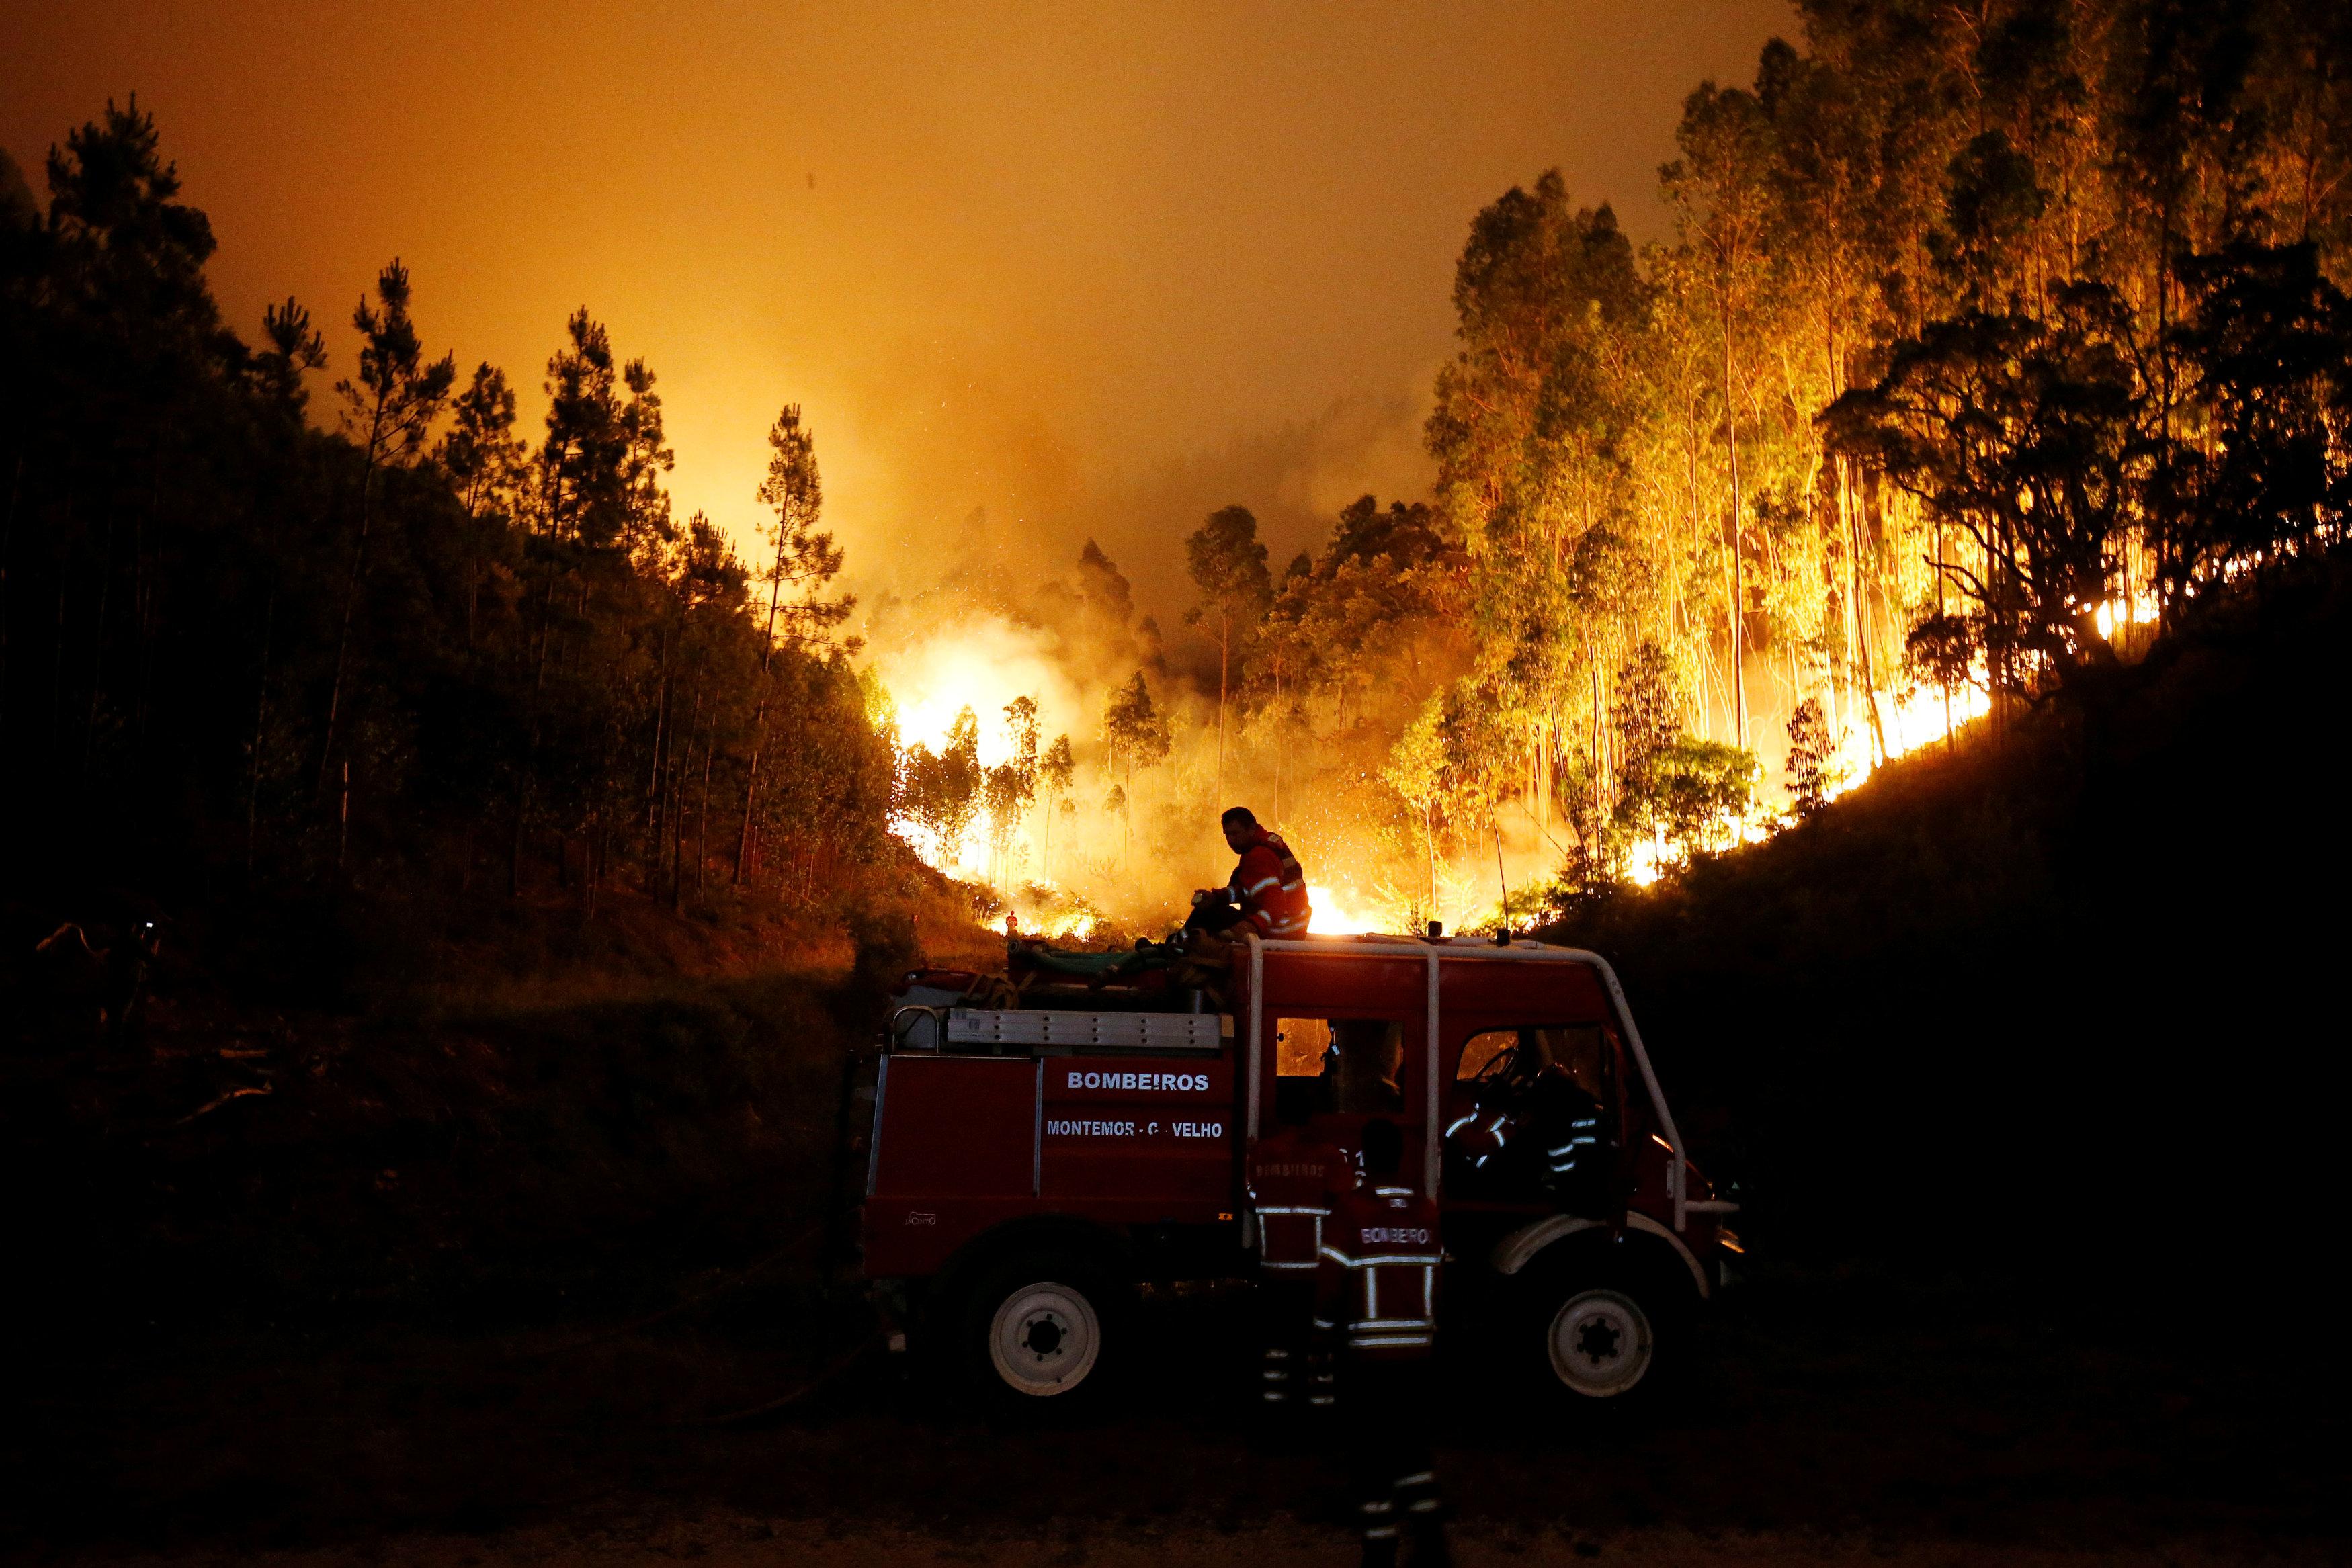 2017-06-18T060426Z 1232545470 RC1198E01200 RTRMADP 3 PORTUGAL-FIRE